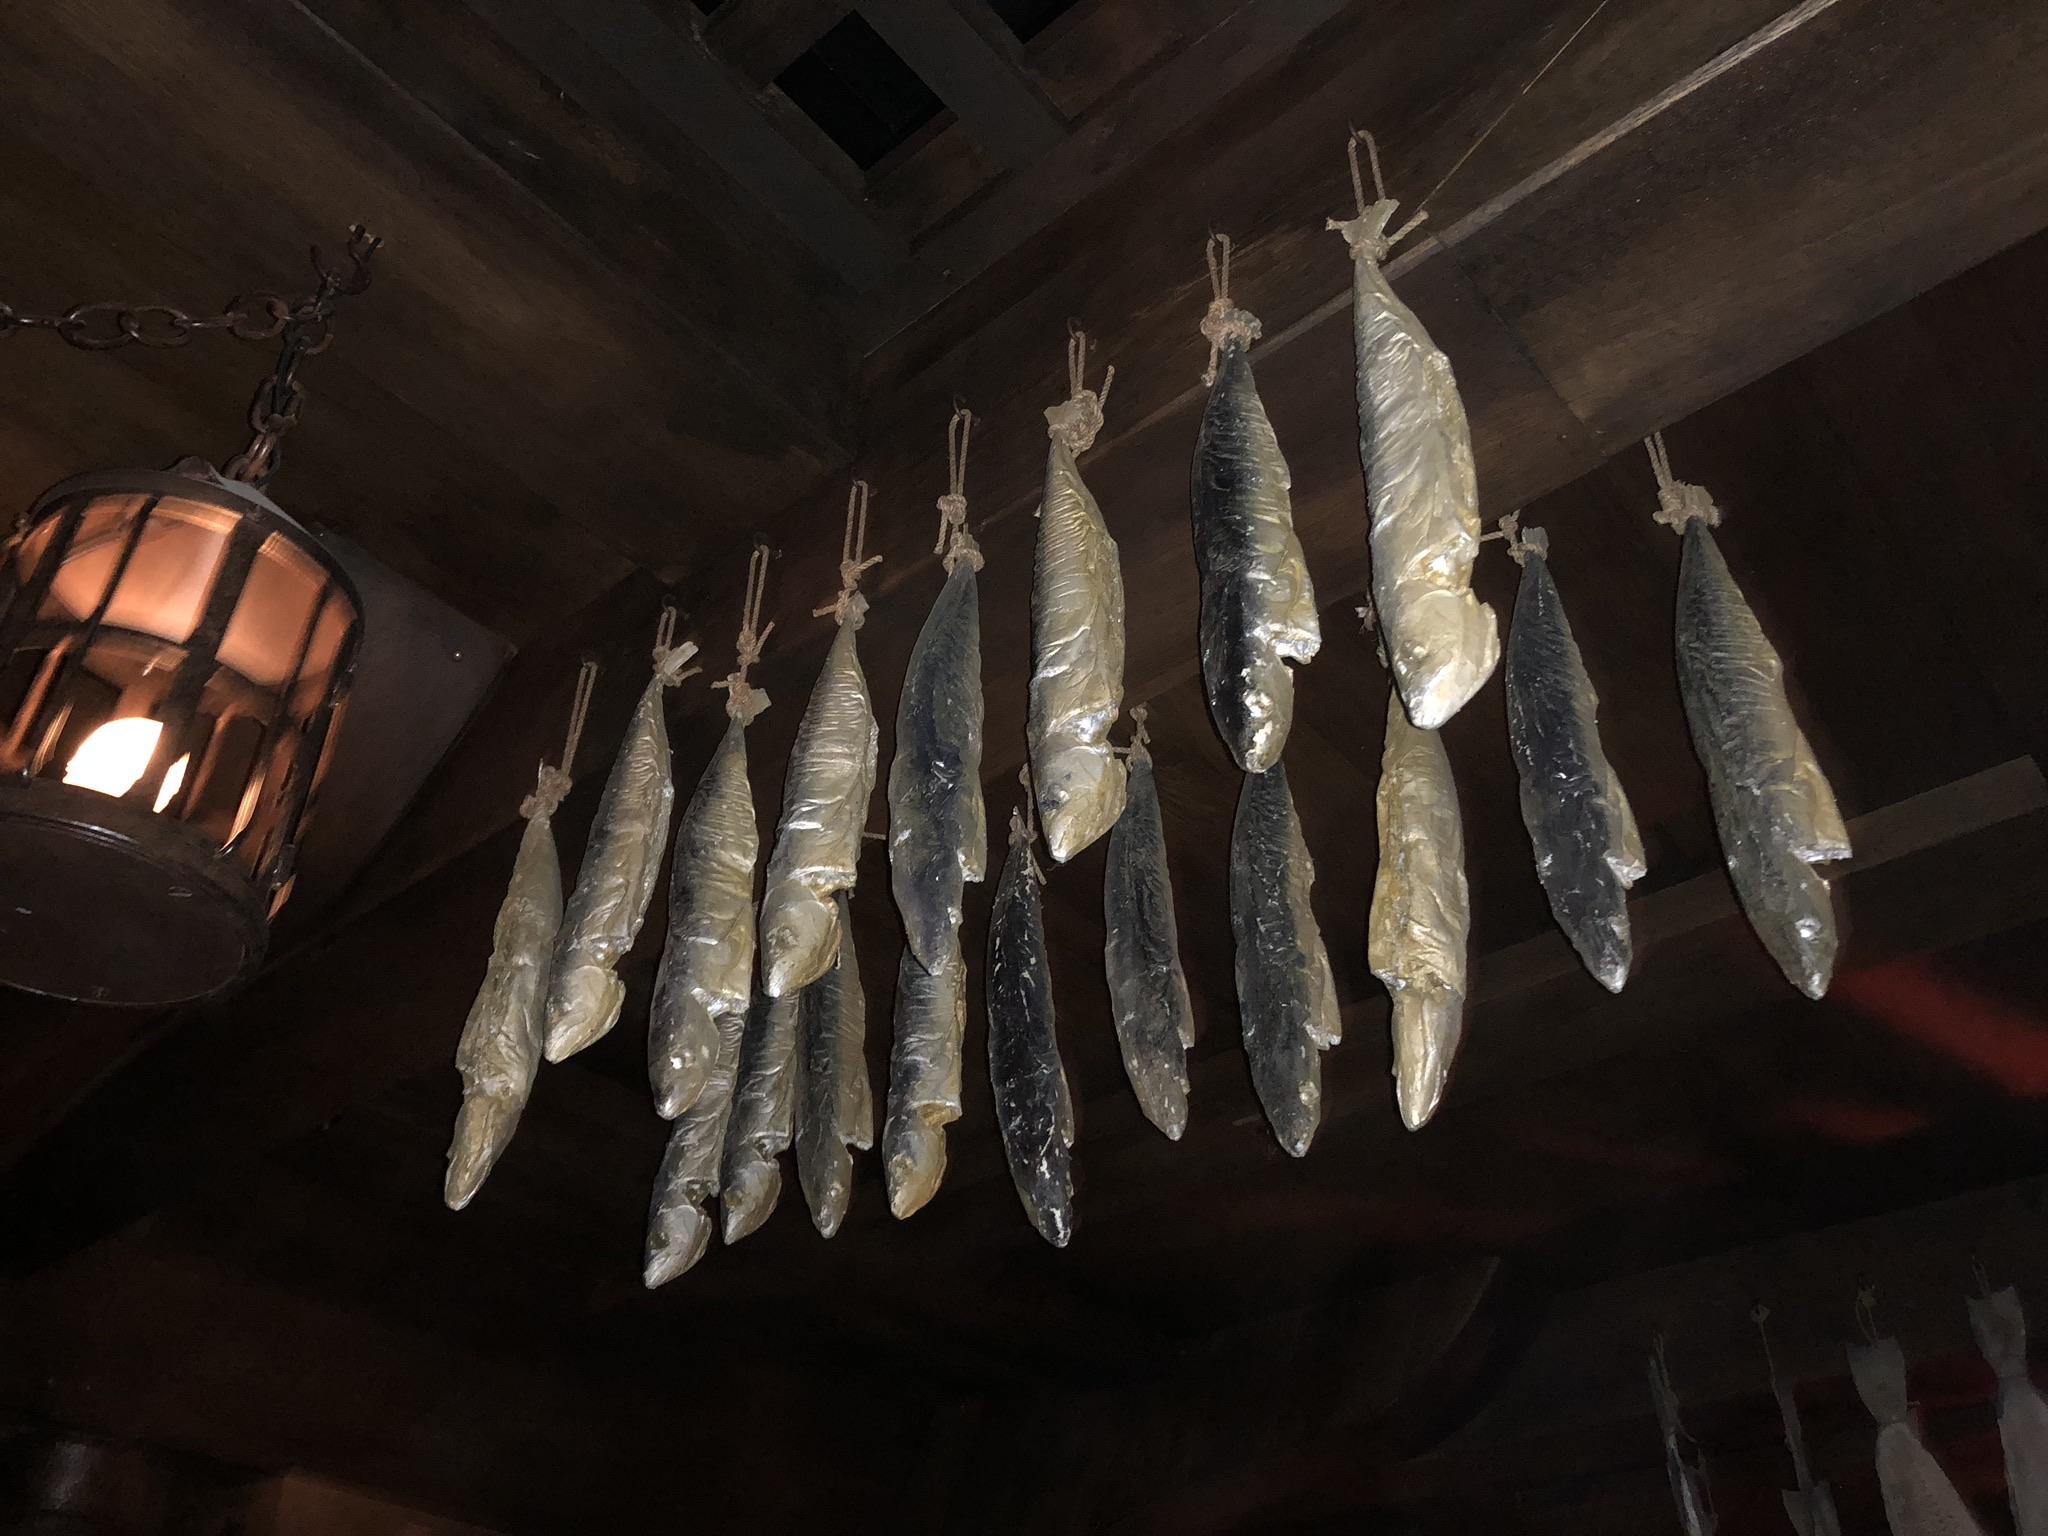 faux poissons séchés, des harengs factices suspendus, accessoires décor bateau puy du fou